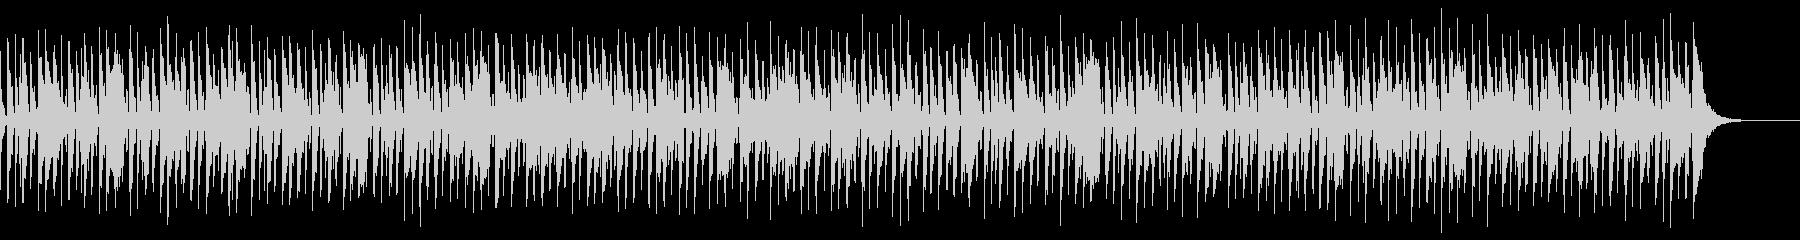 アコースティックレゲエ風BGMの未再生の波形